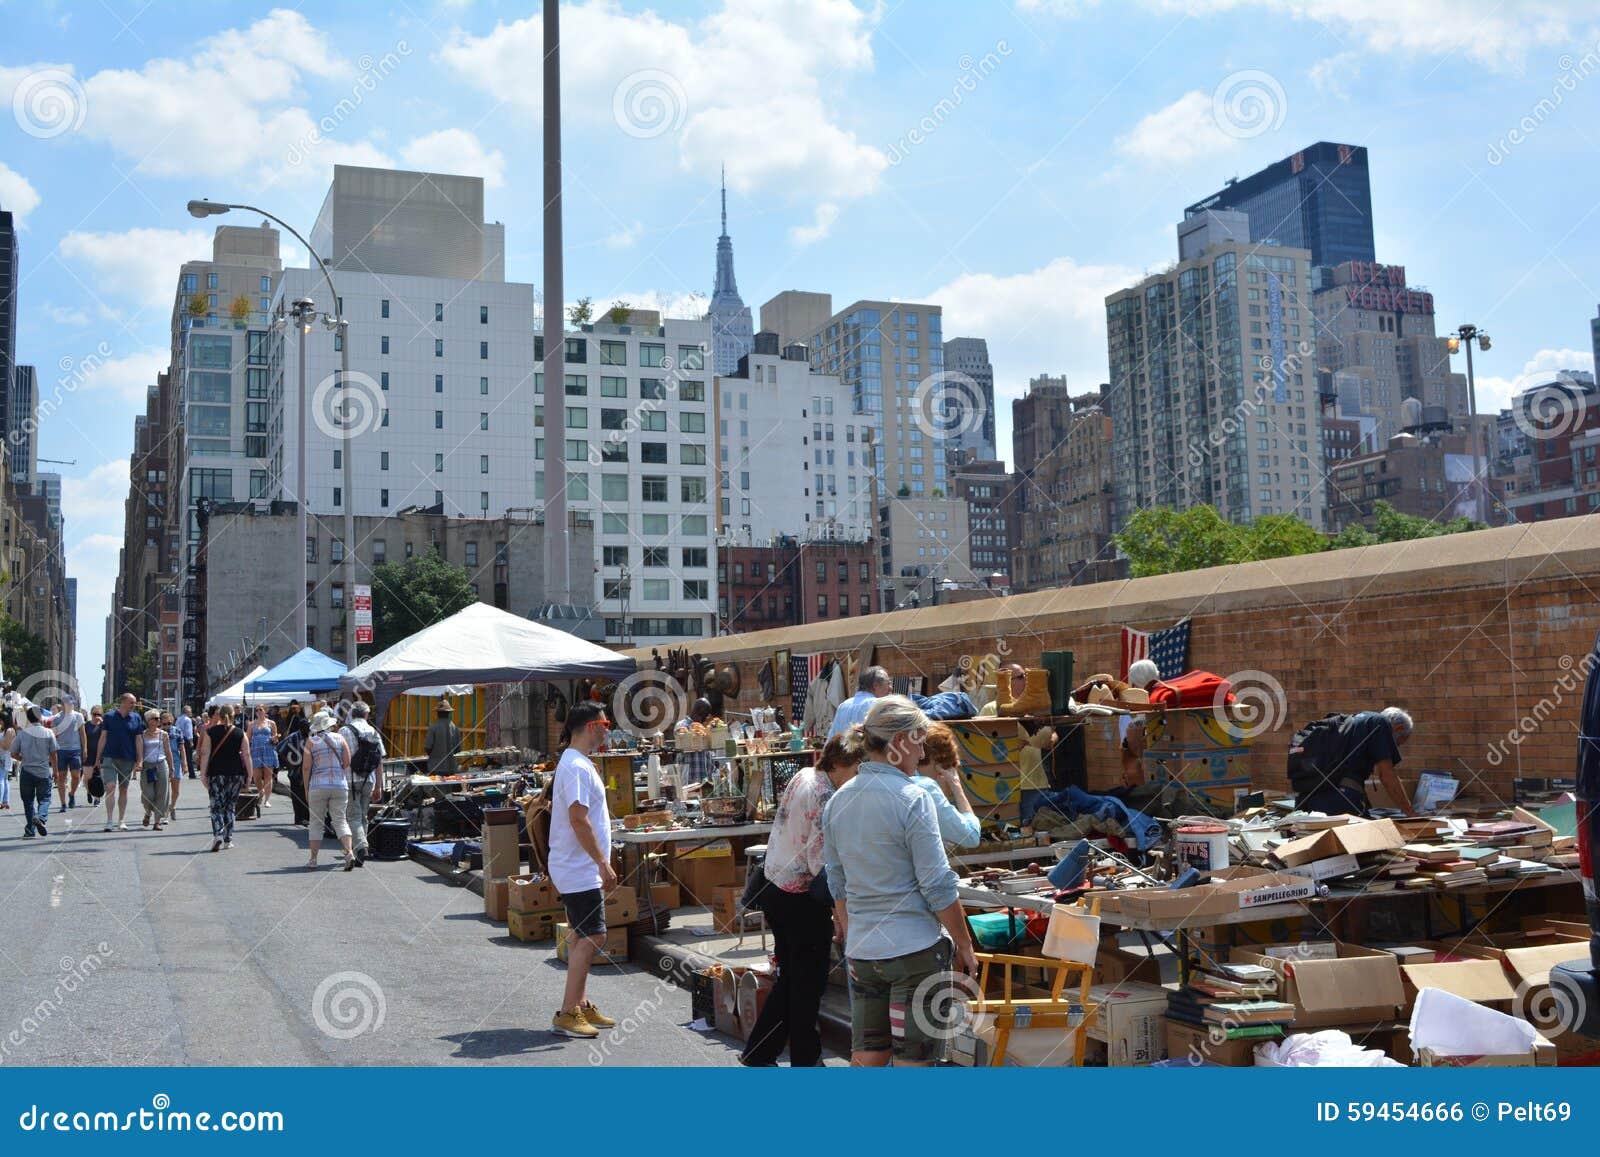 Cocina Del Infierno | Mercado De Pulgas De La Cocina Del Infierno Foto Editorial